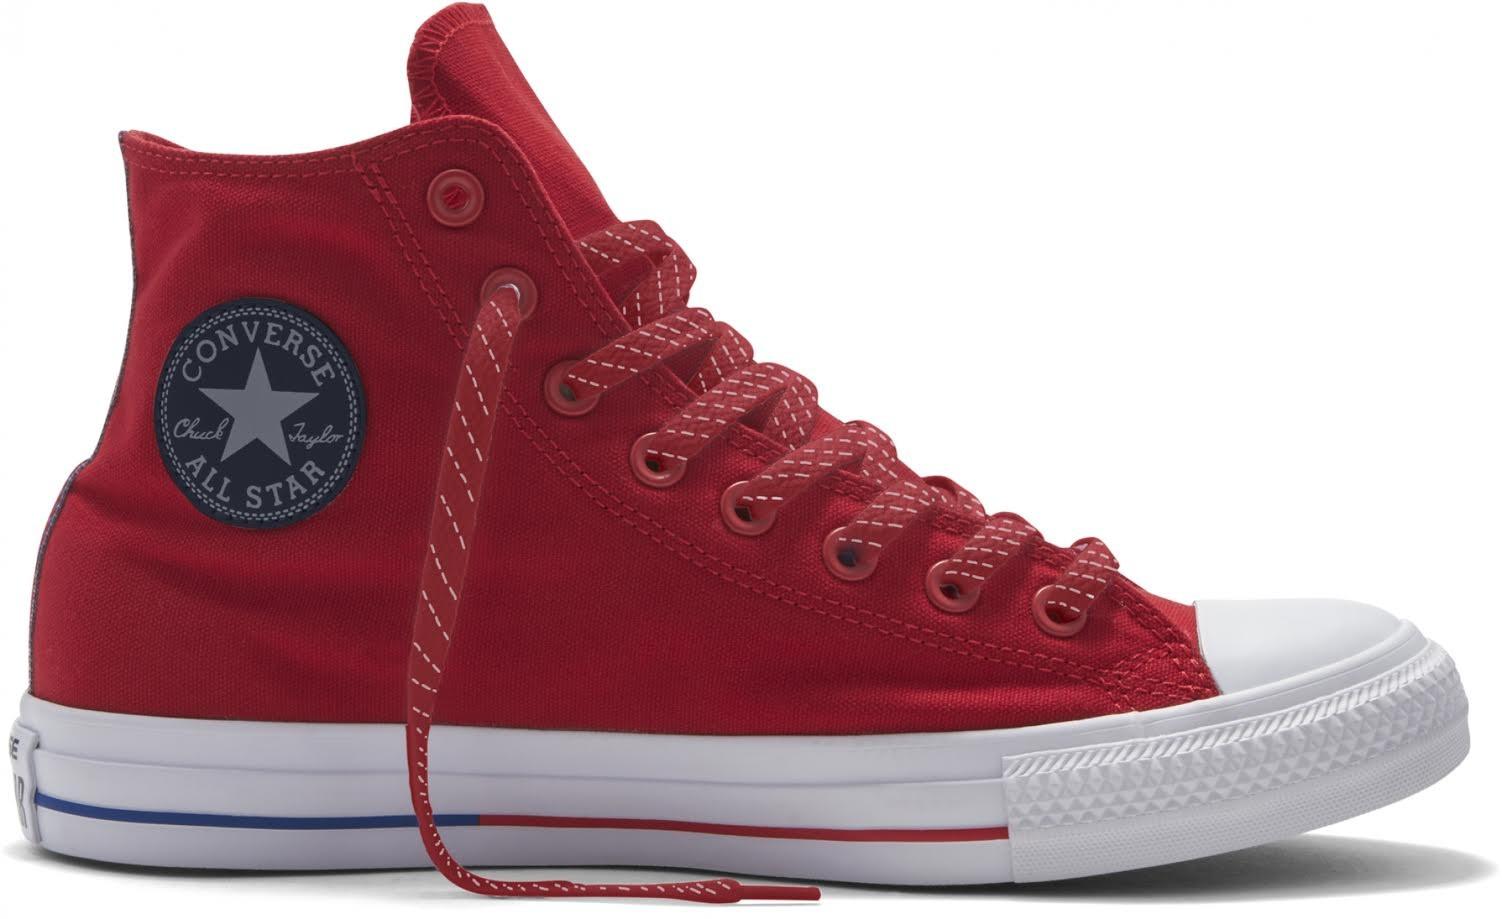 395686610 Unisex kotníkové boty Converse Chuck Taylor All Star červené - Glami.cz